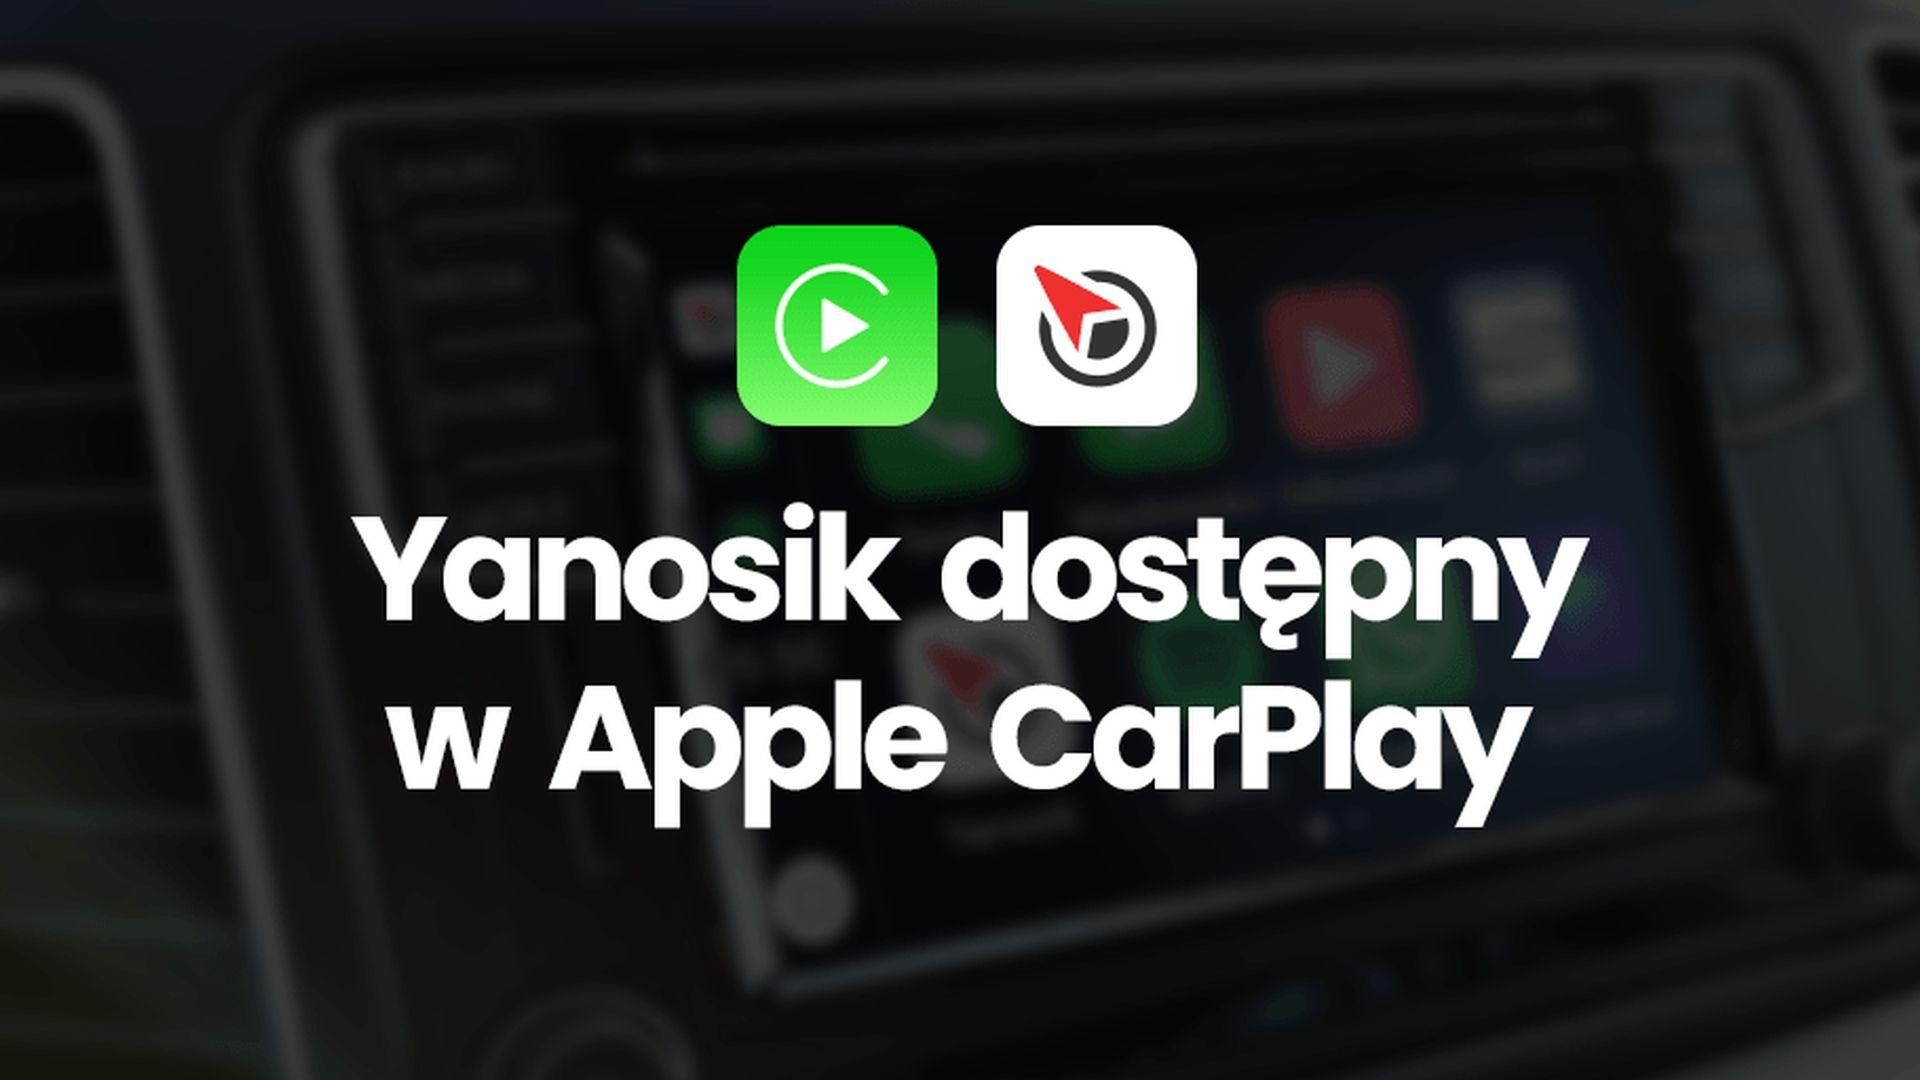 Yanosik nareszcie jest już dostępny na platformie CarPlay